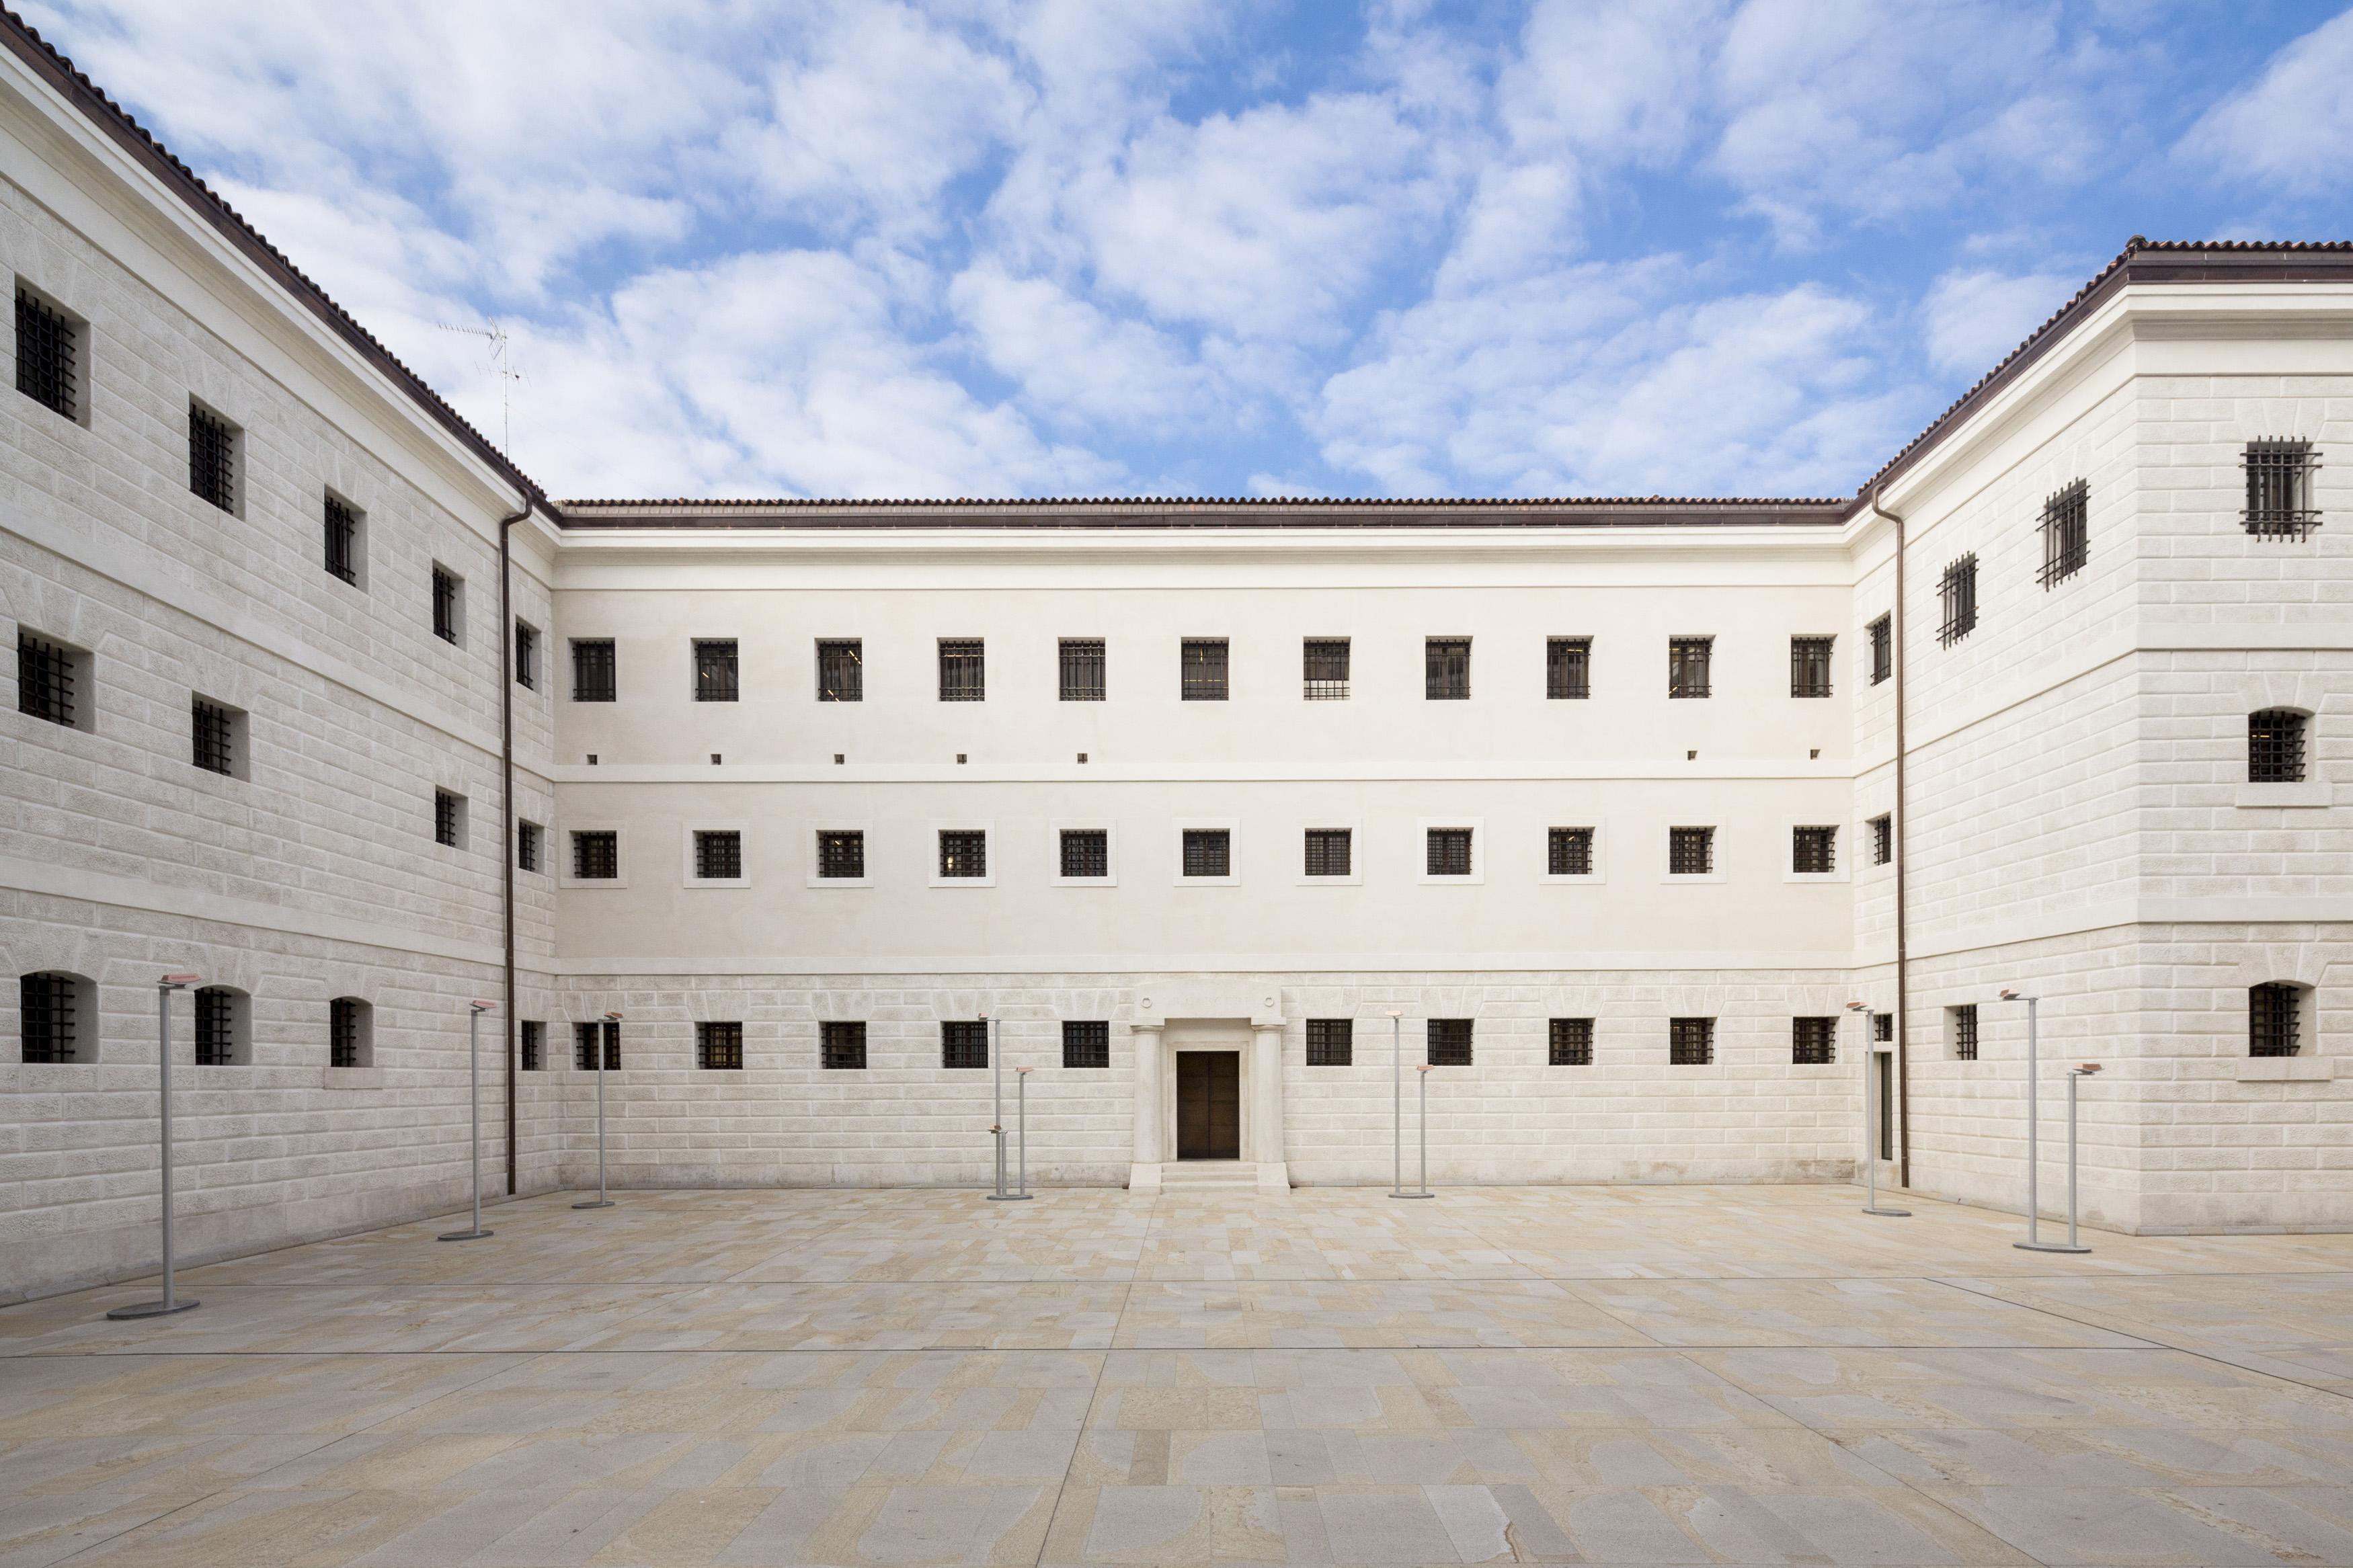 Gallerie Delle Prigioni -Un Opening a regola d'Arte!